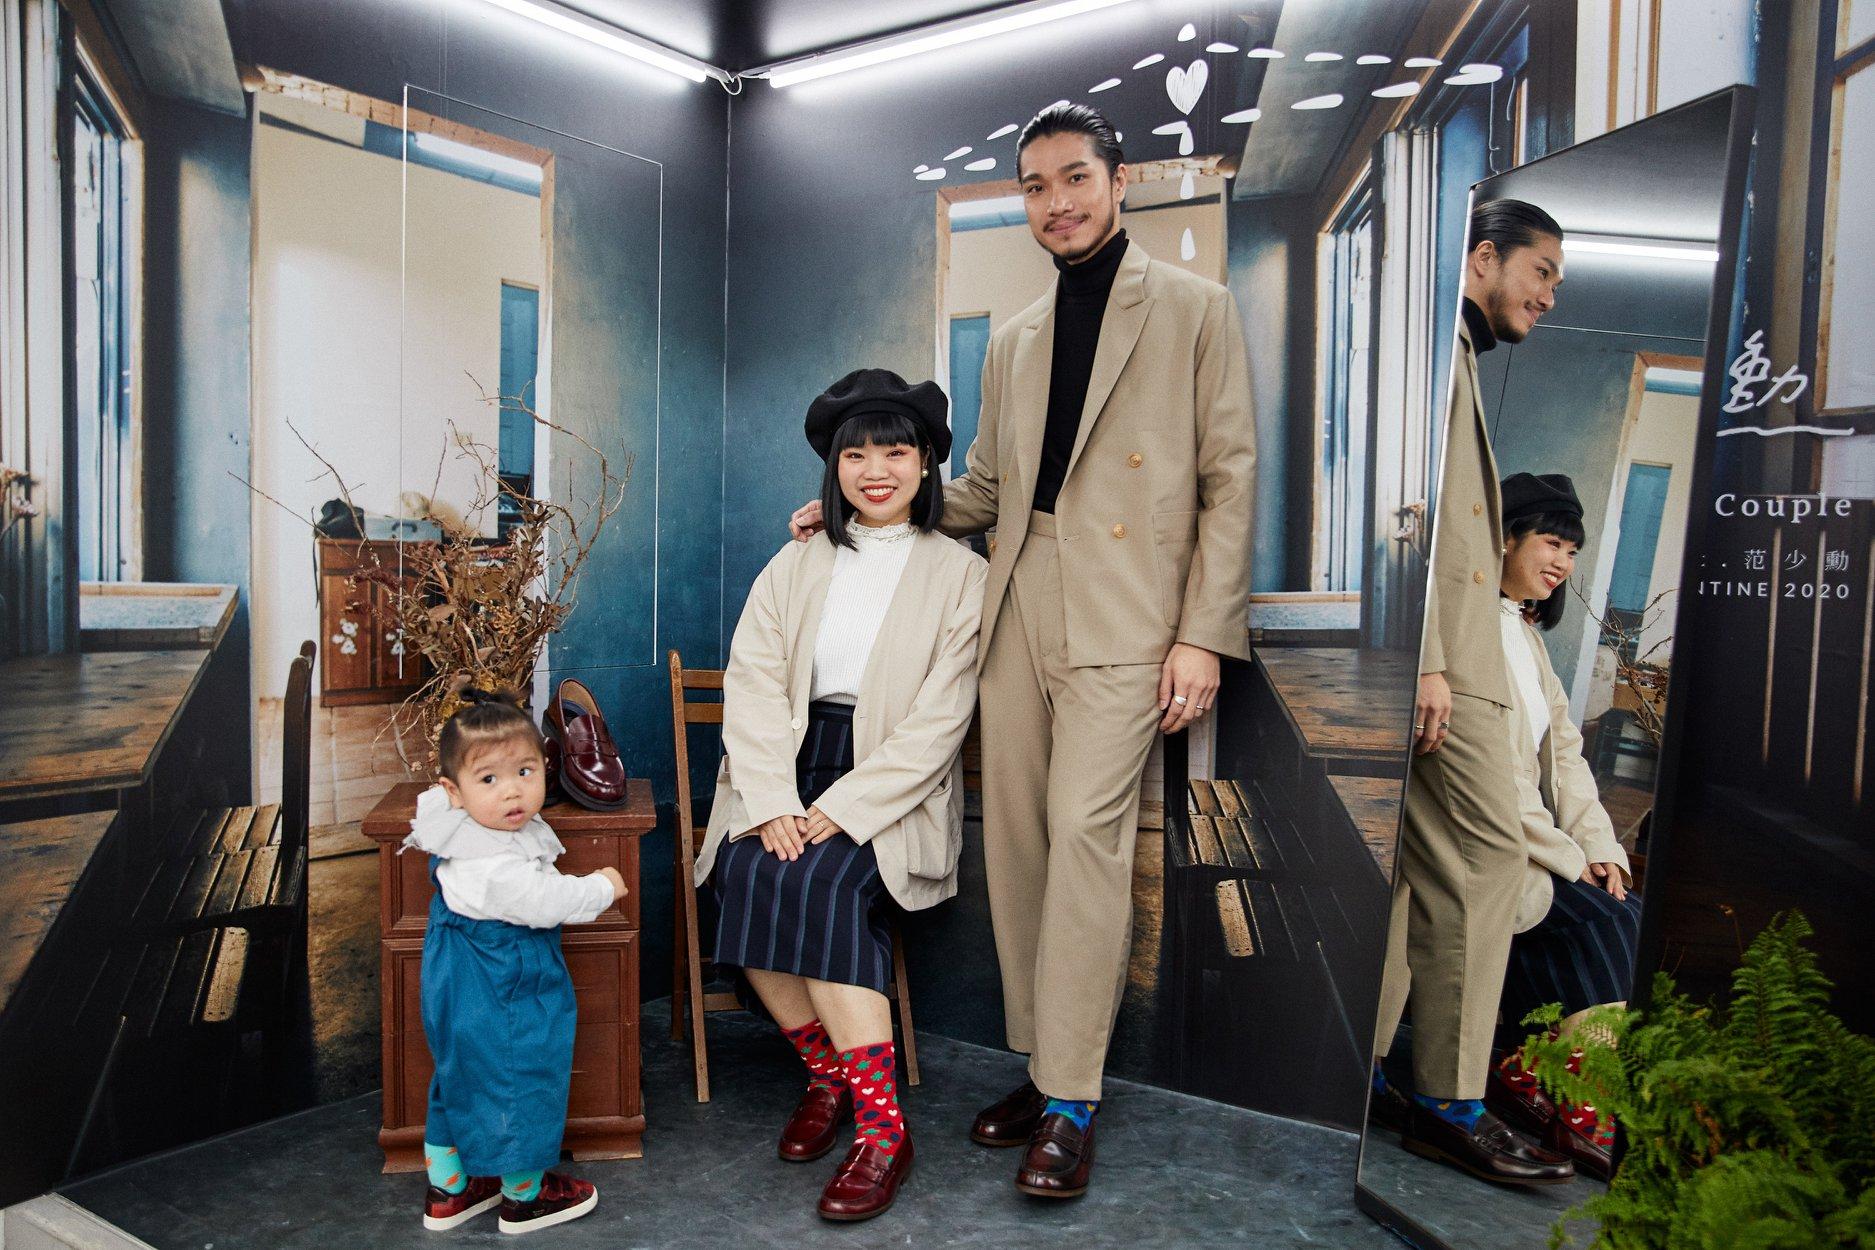 日本靴,日本皮鞋,日本靴工業會,日本皮鞋工業會,HARUTA,MADRAS,REGAL